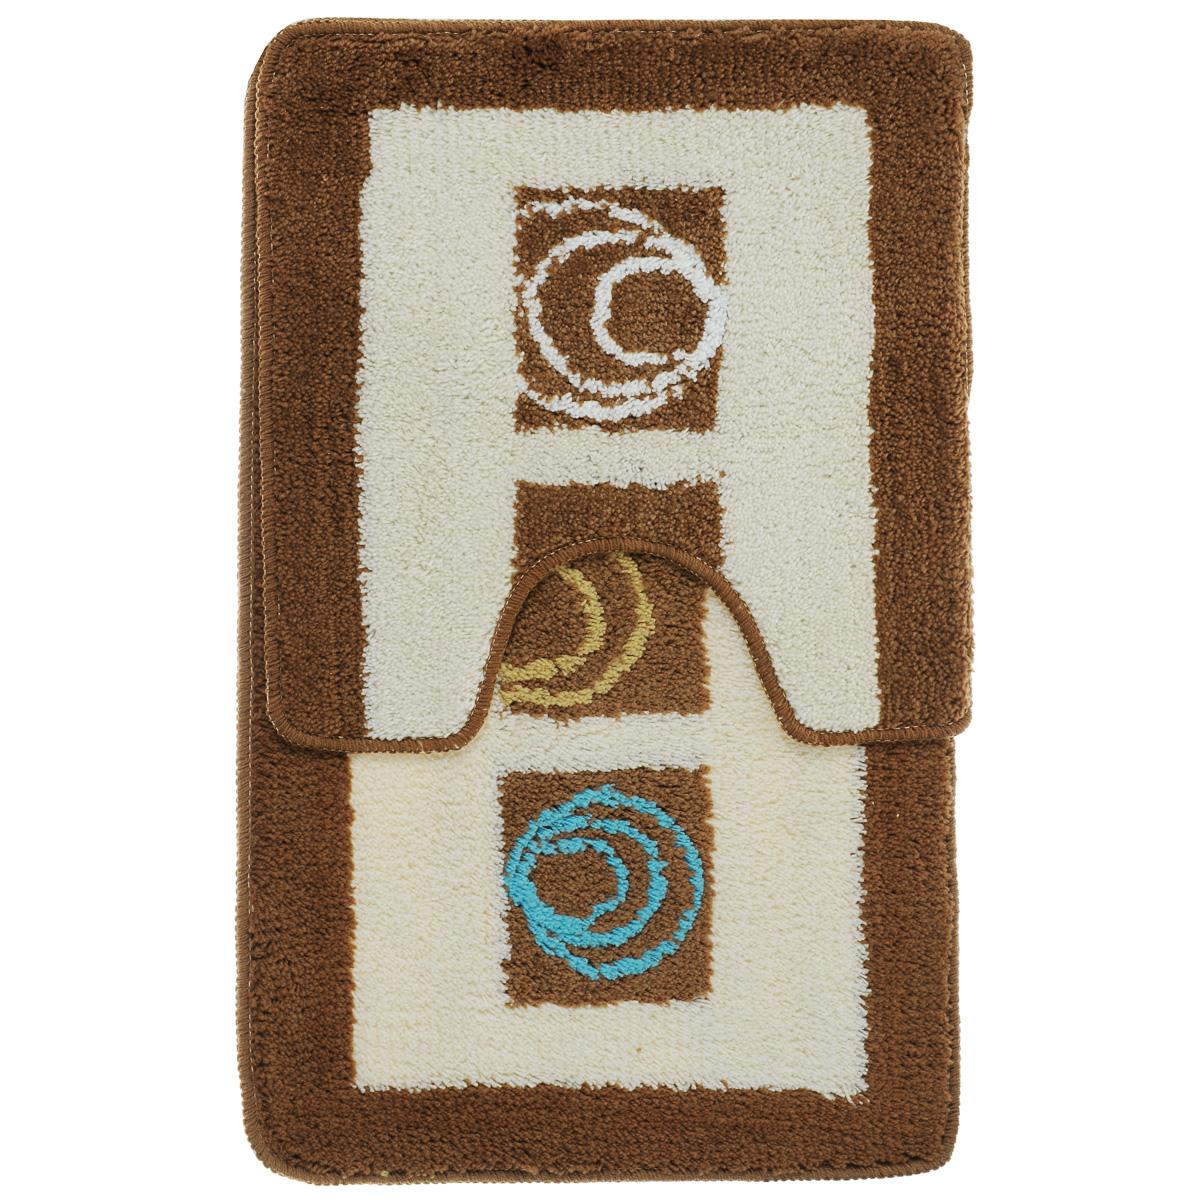 Комплект ковриков для ванной Fresh Code Микс, цвет: коричневый, белый, 2 предмета набор ковриков для ванной и туалета axentia цвет коричневый 2 шт